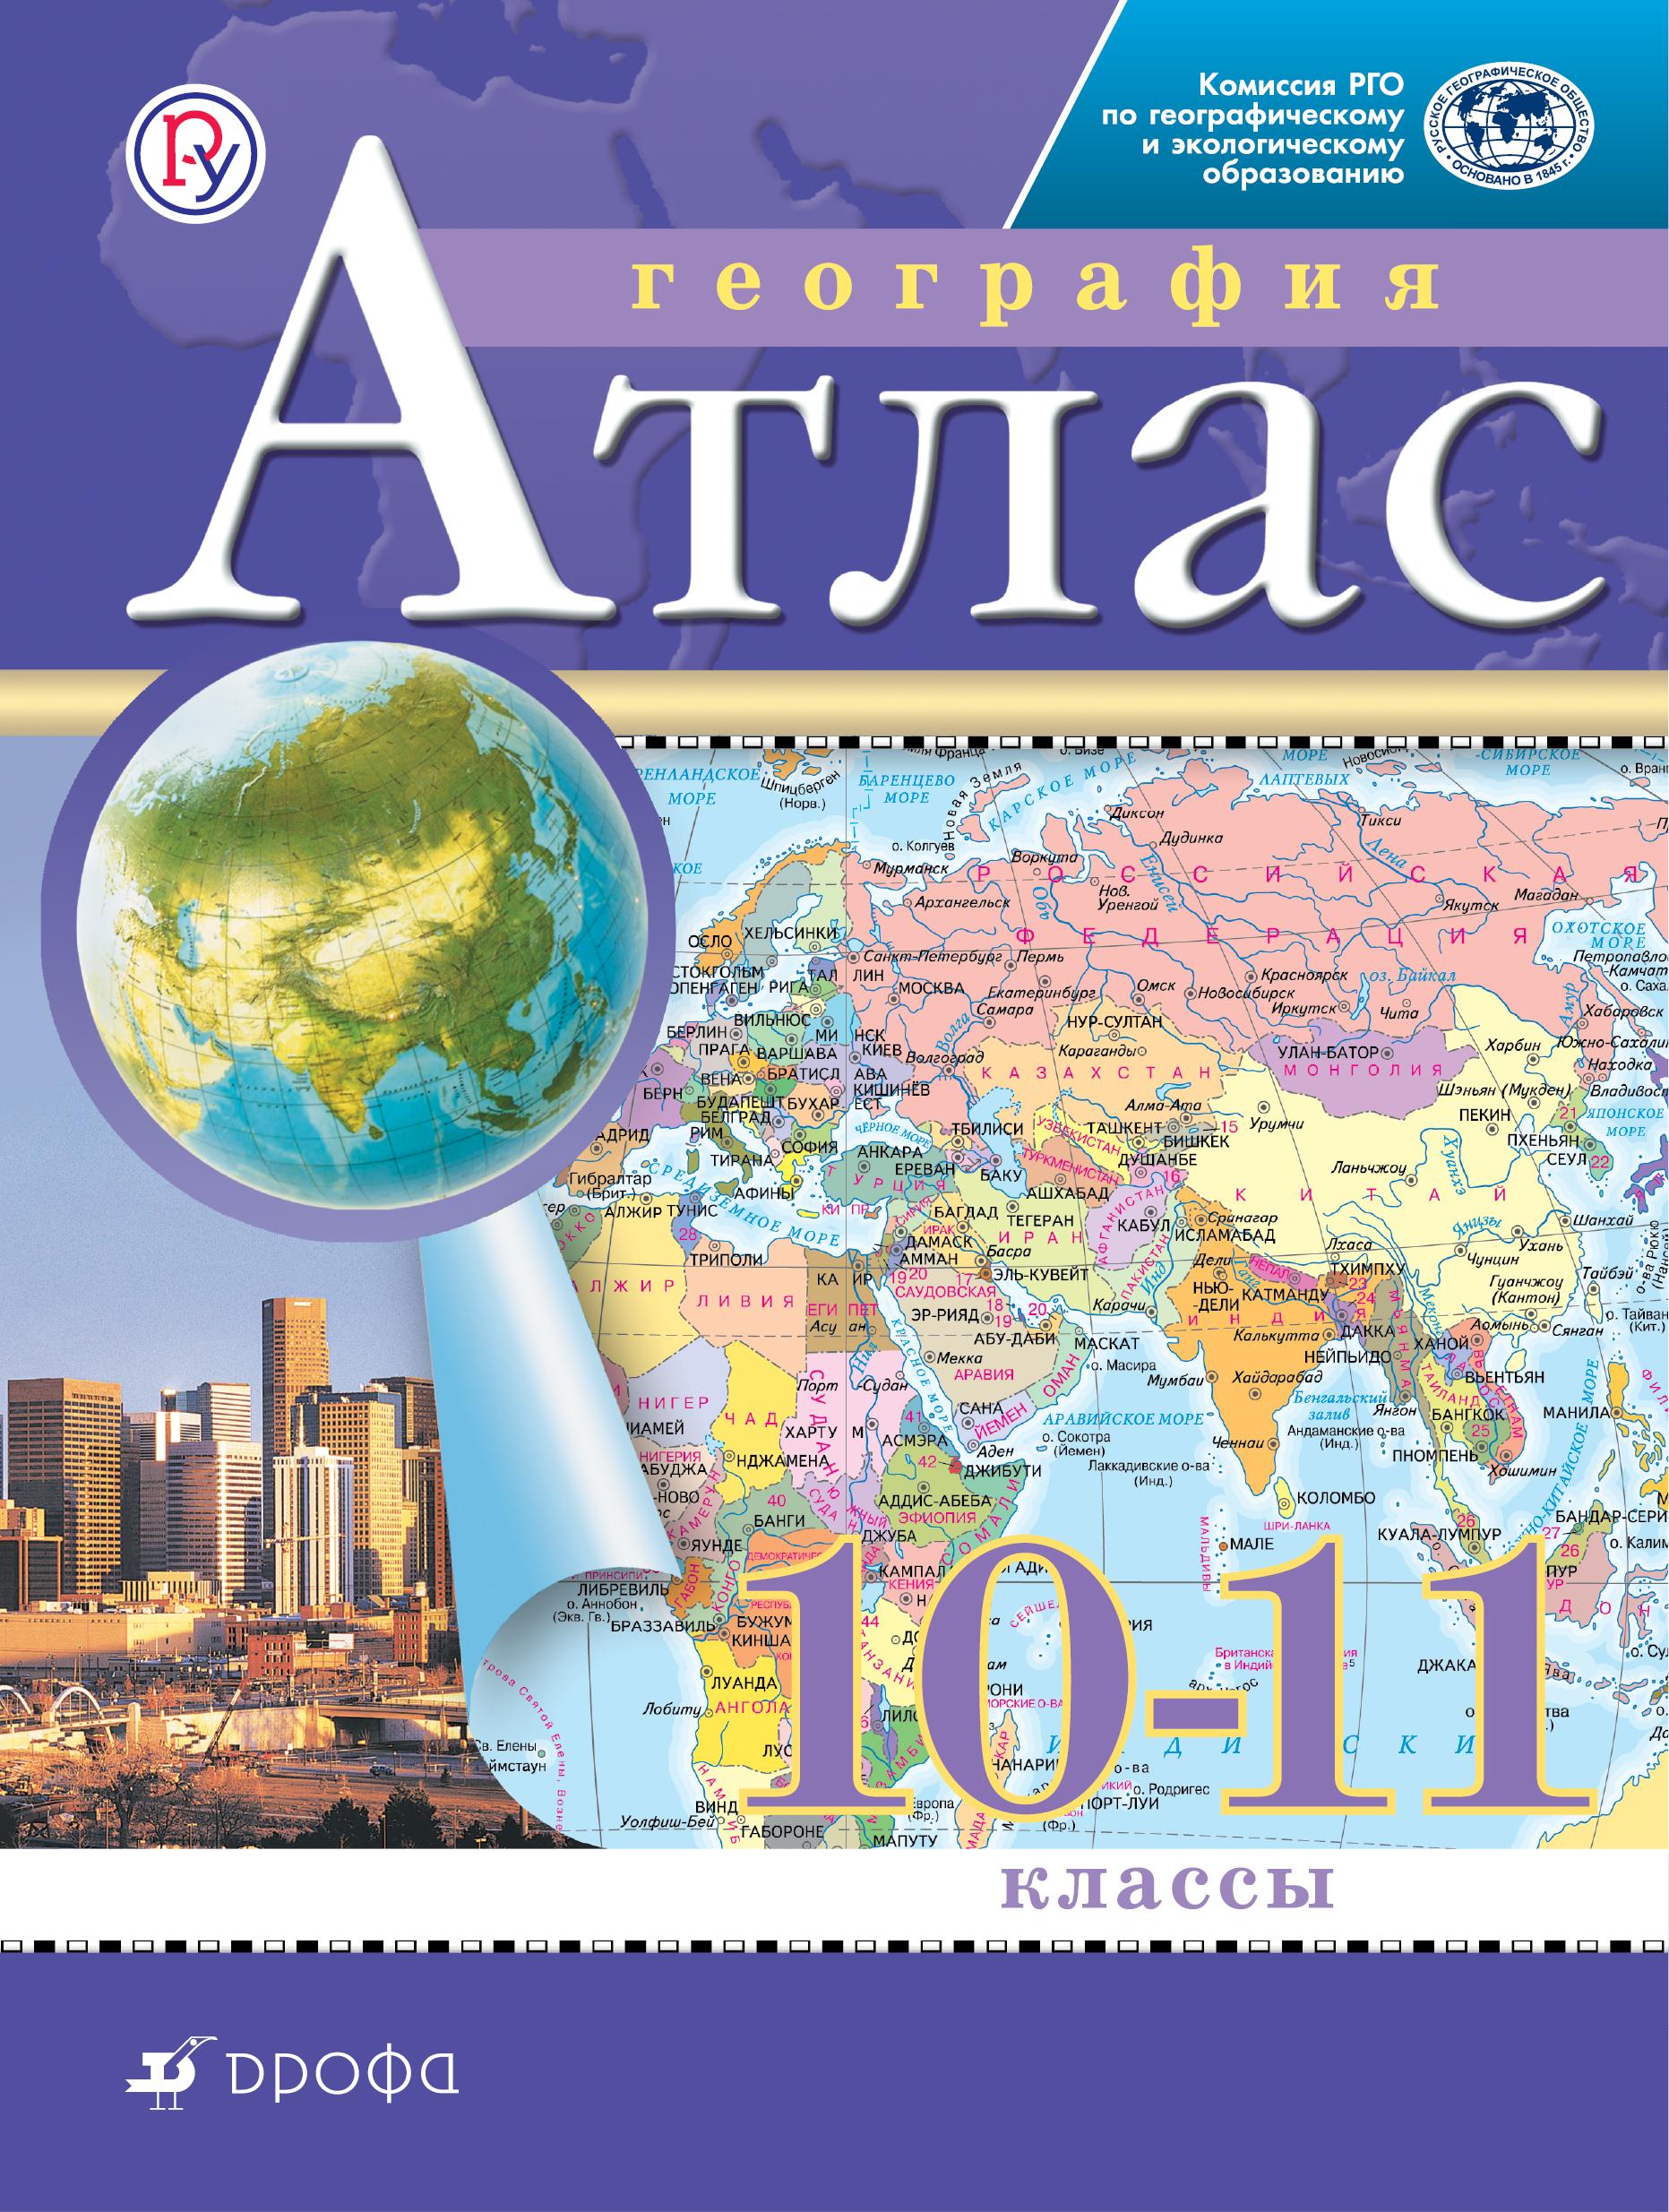 Фото - География. 10-11 классы. Атлас. (Традиционный комплект) (РГО) география 10 11 классы атлас традиционный комплект рго